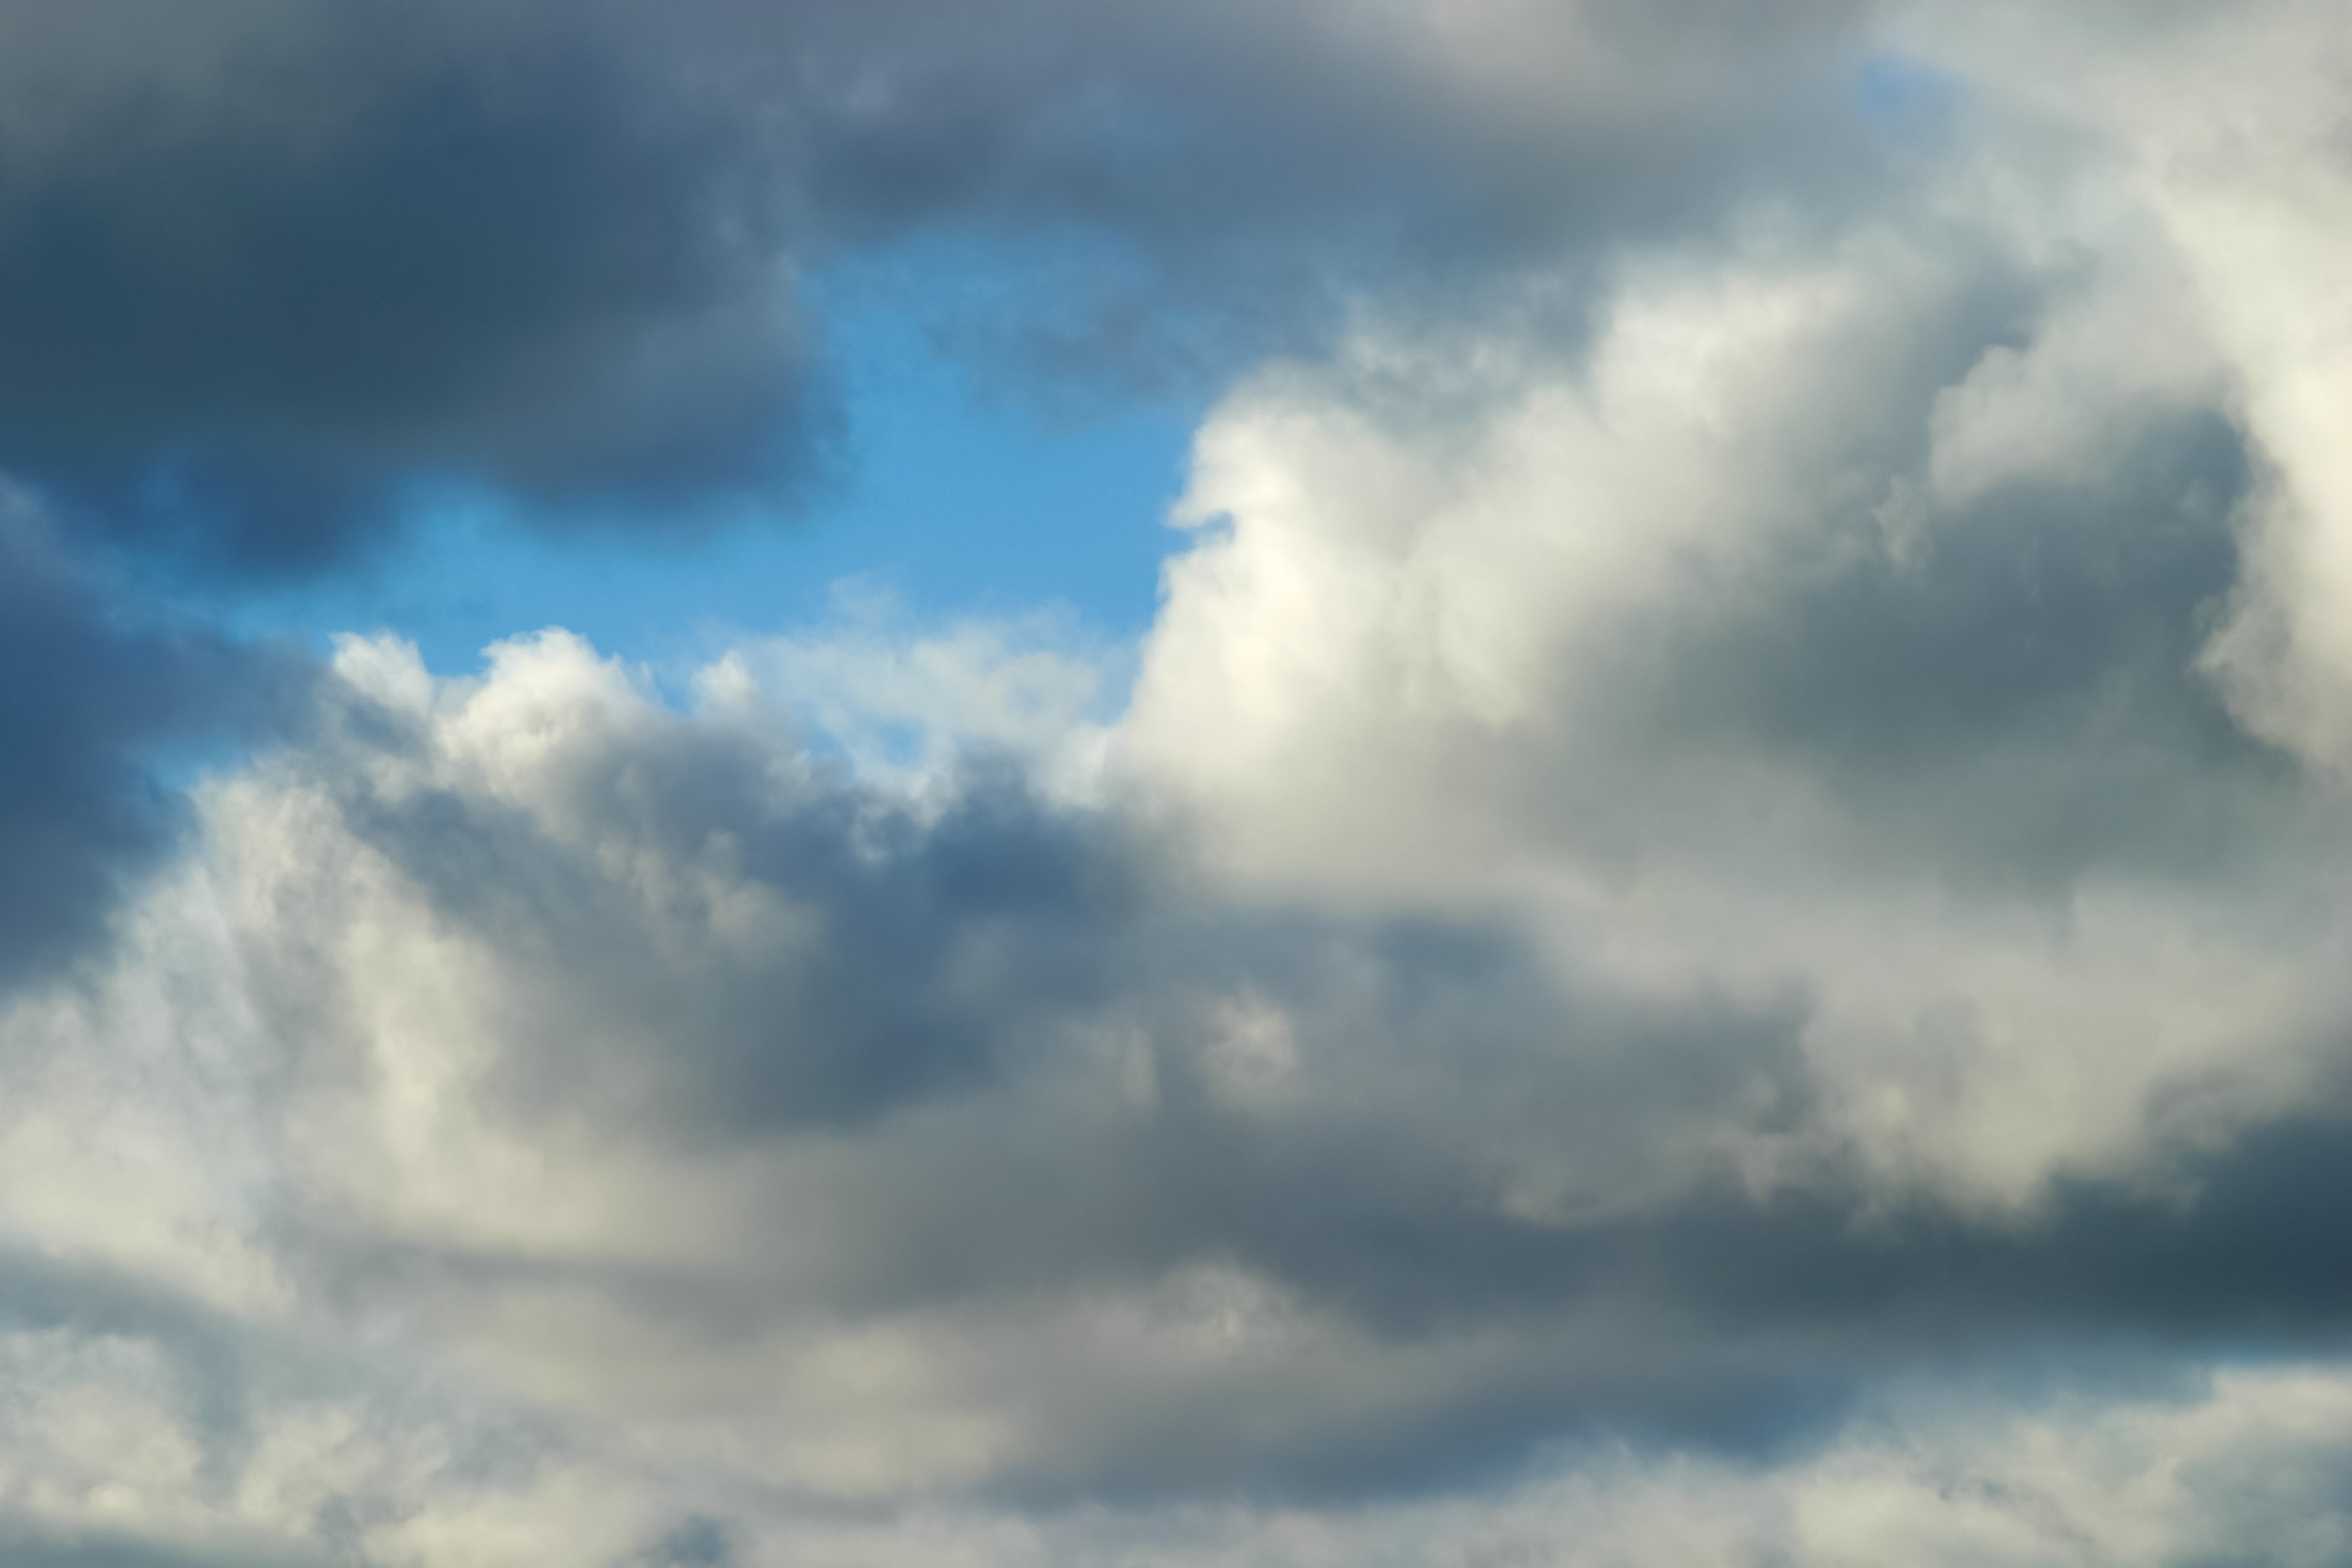 厚い雲に覗く青空 Free Photos L/RGB/JPEG/350dpi